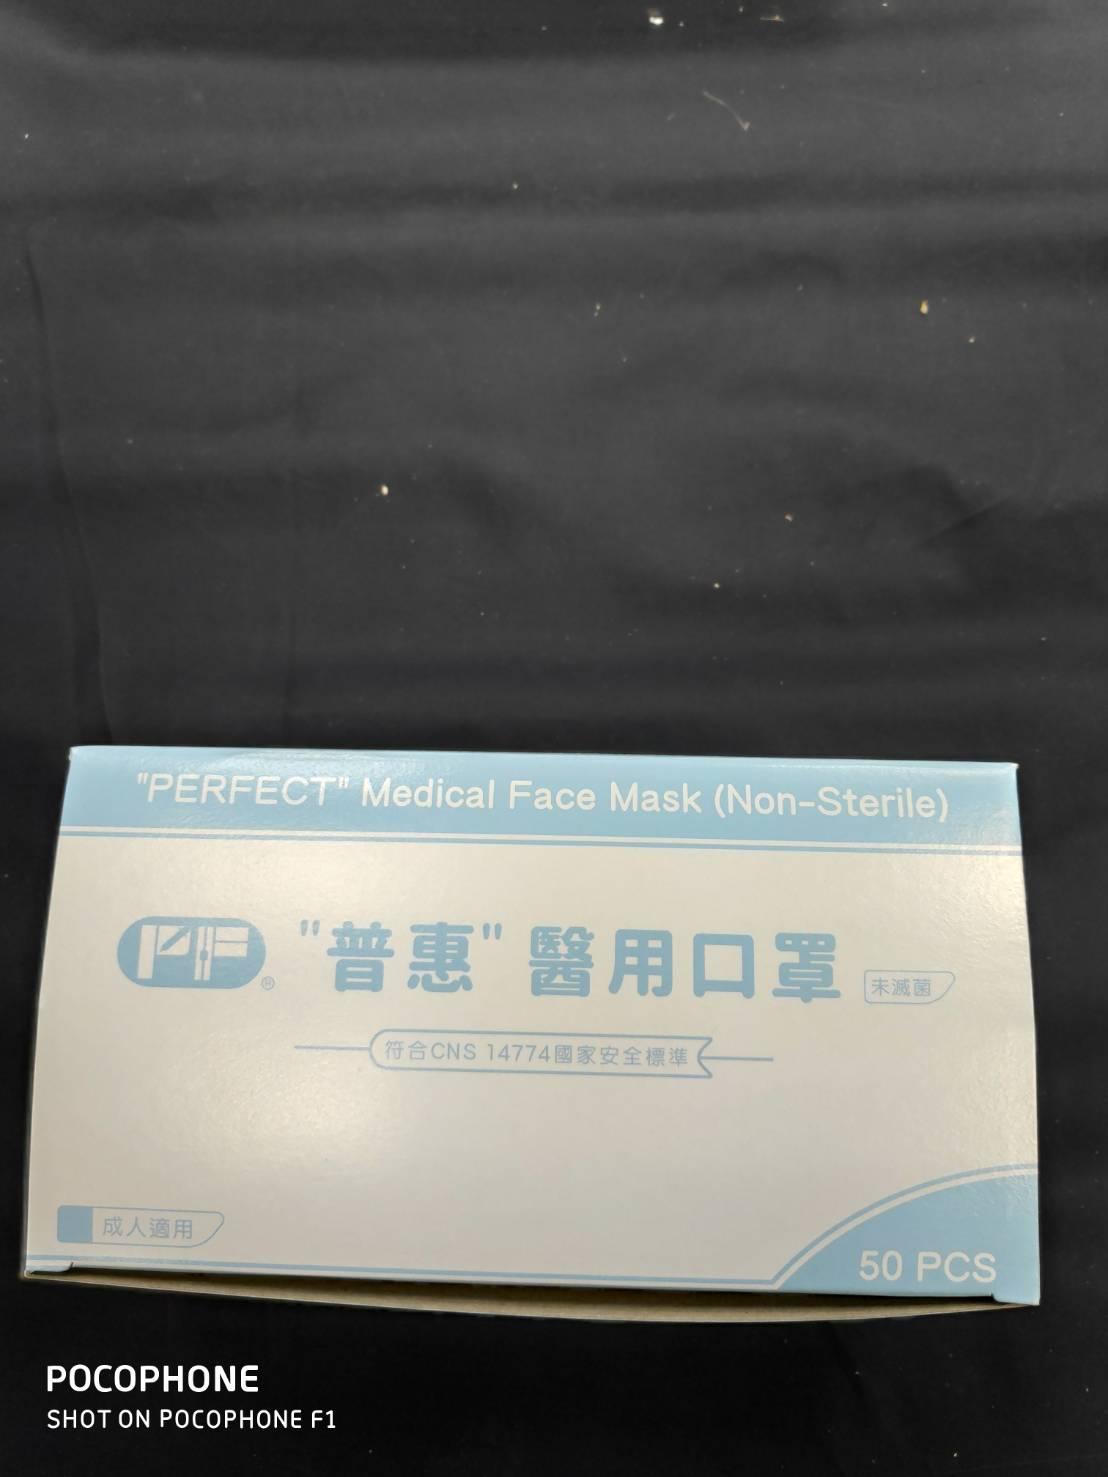 普惠醫用口罩 三層口罩 醫用口罩 台灣製造 天空藍/清蘋綠隨機出貨 50入/盒 一次性口罩